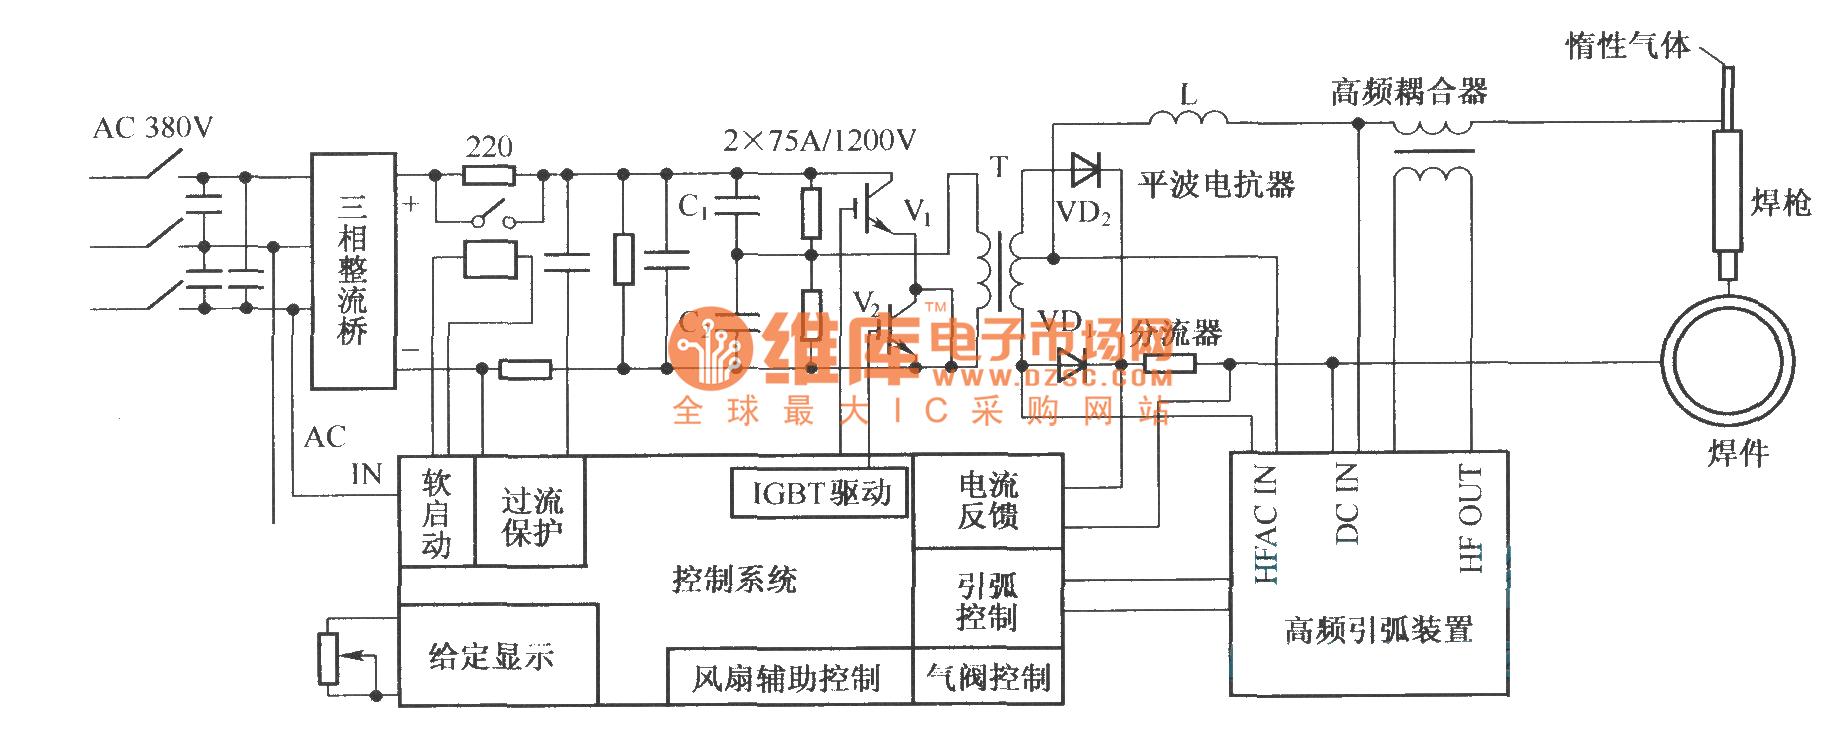 【图】逆变器为半桥式的开关电路图igbt应用电路